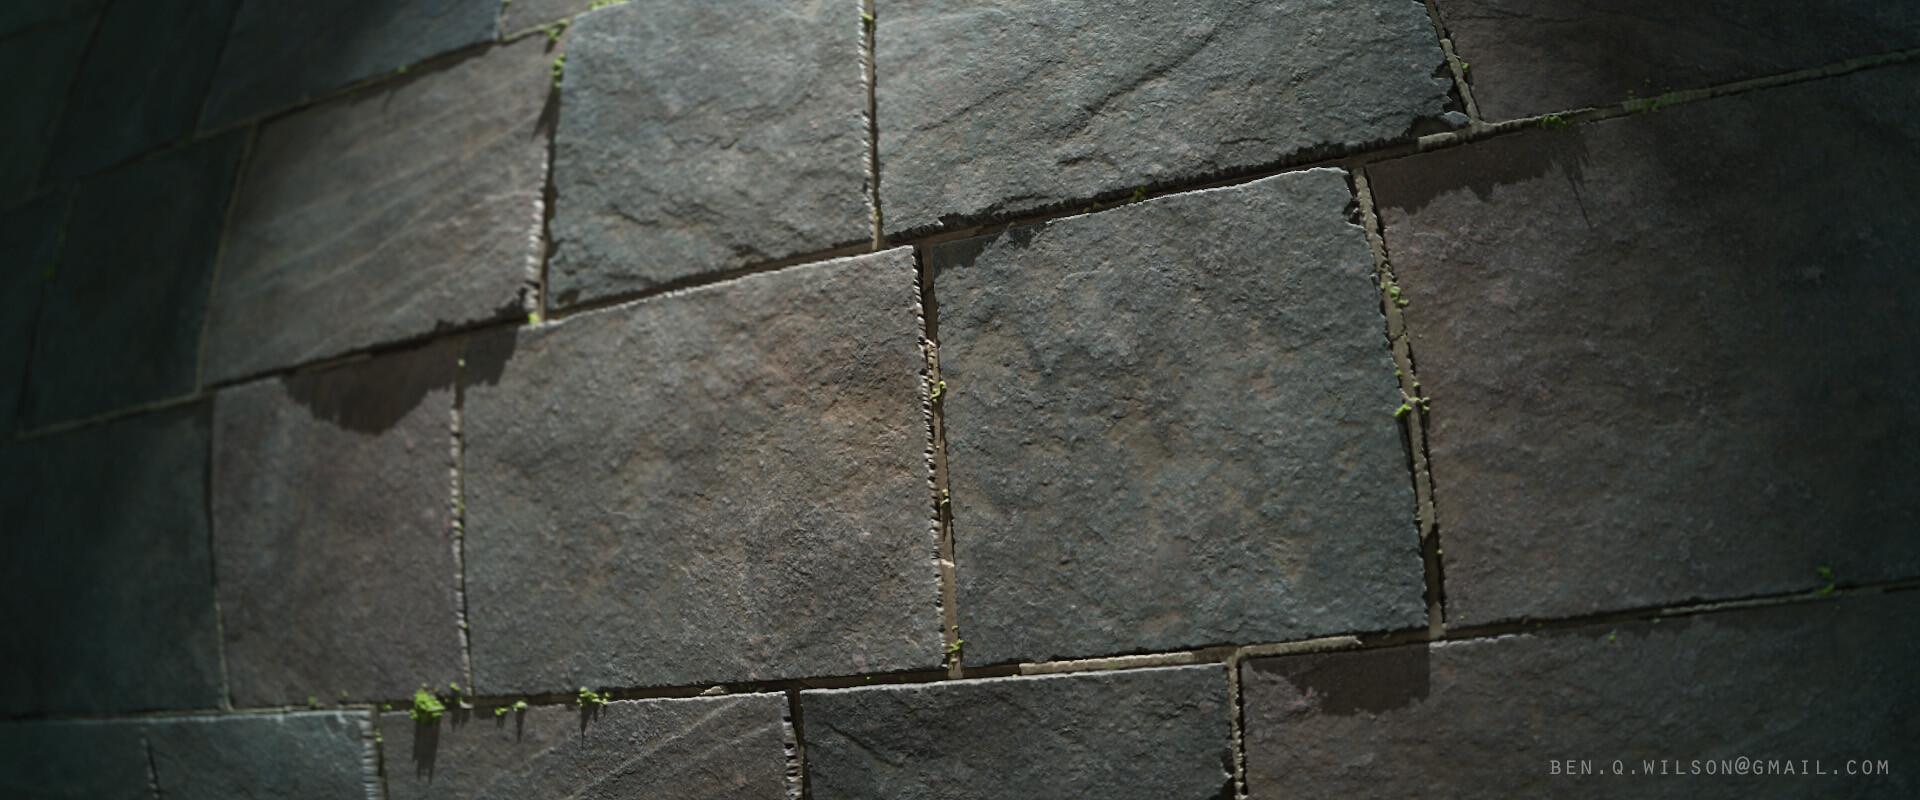 Ben wilson slate stone floor render 2